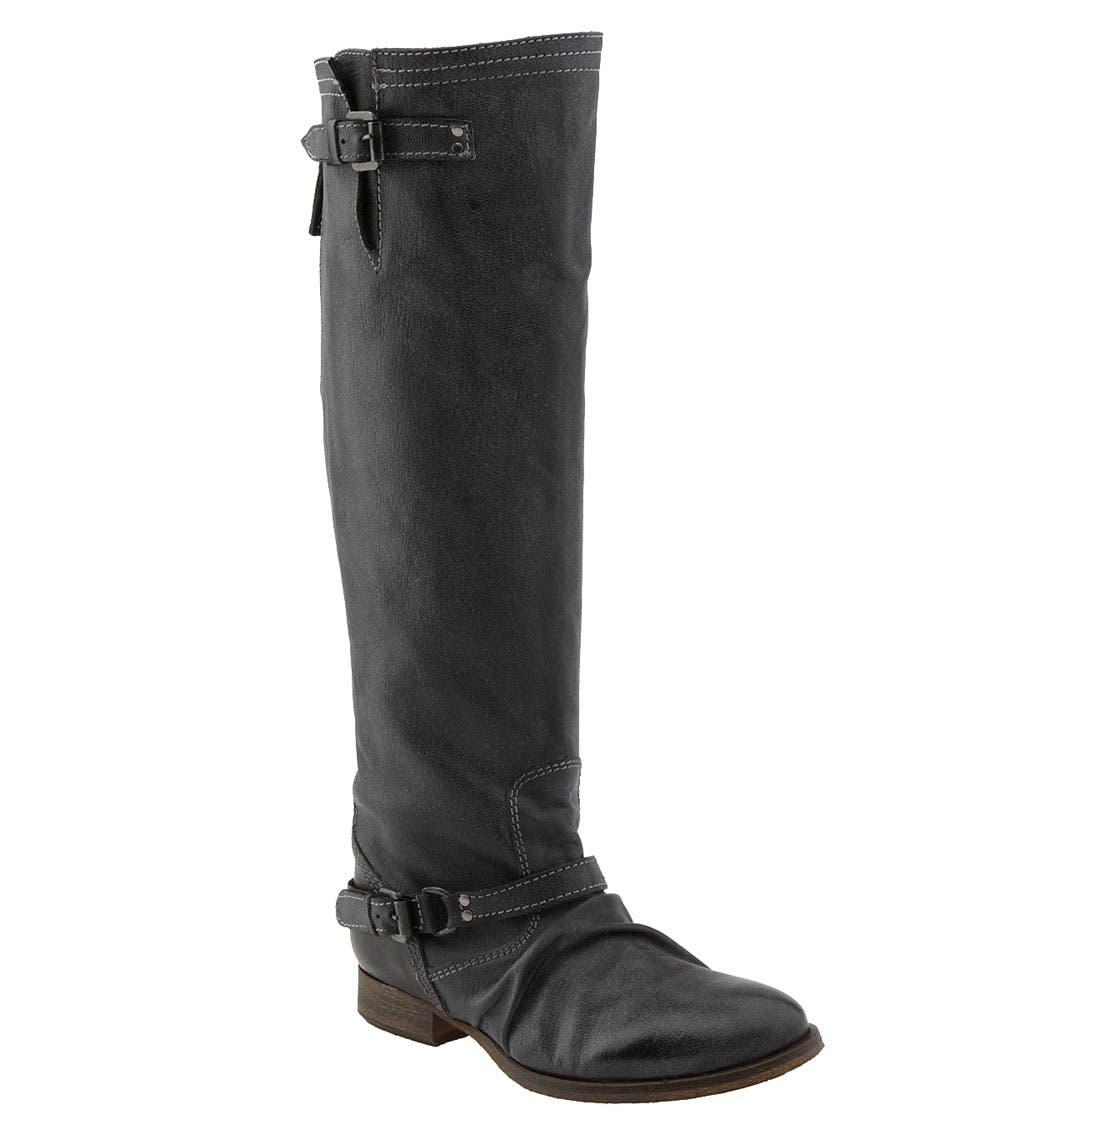 Alternate Image 1 Selected - Steve Madden 'Roady' Tall Boot